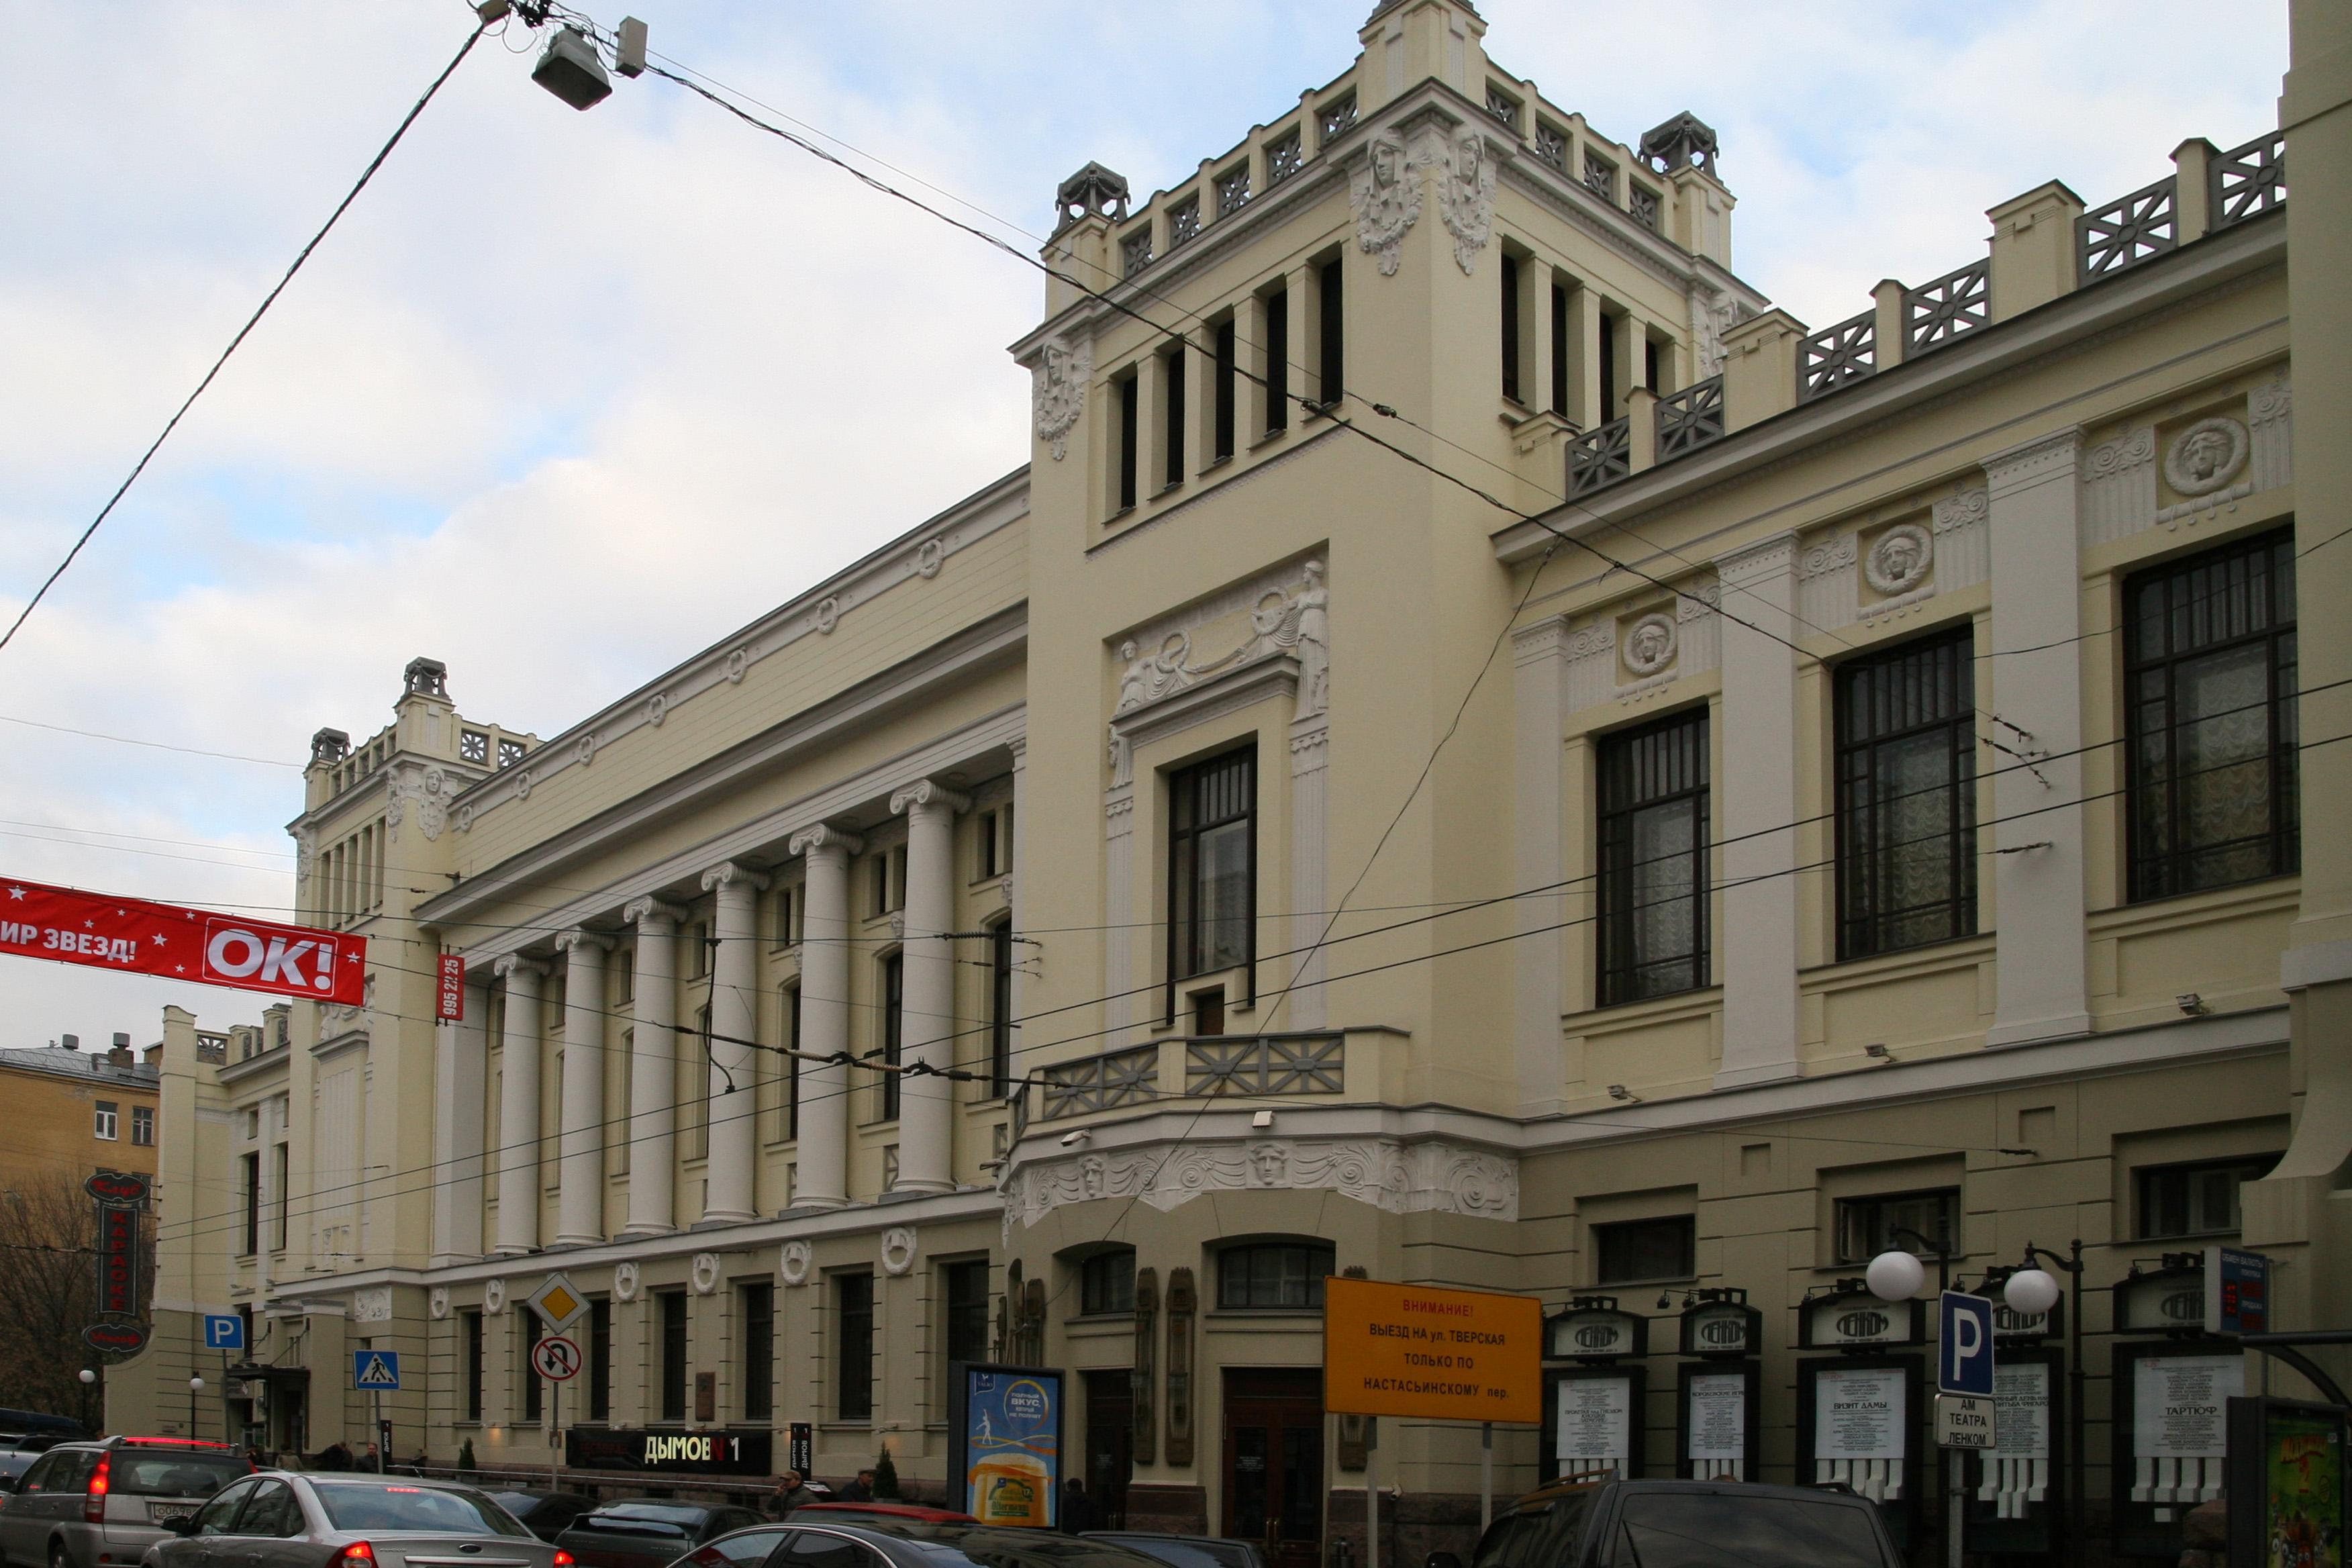 Исправить кредитную историю Перуновский переулок заявление на 2 ндфл образец в бухгалтерию